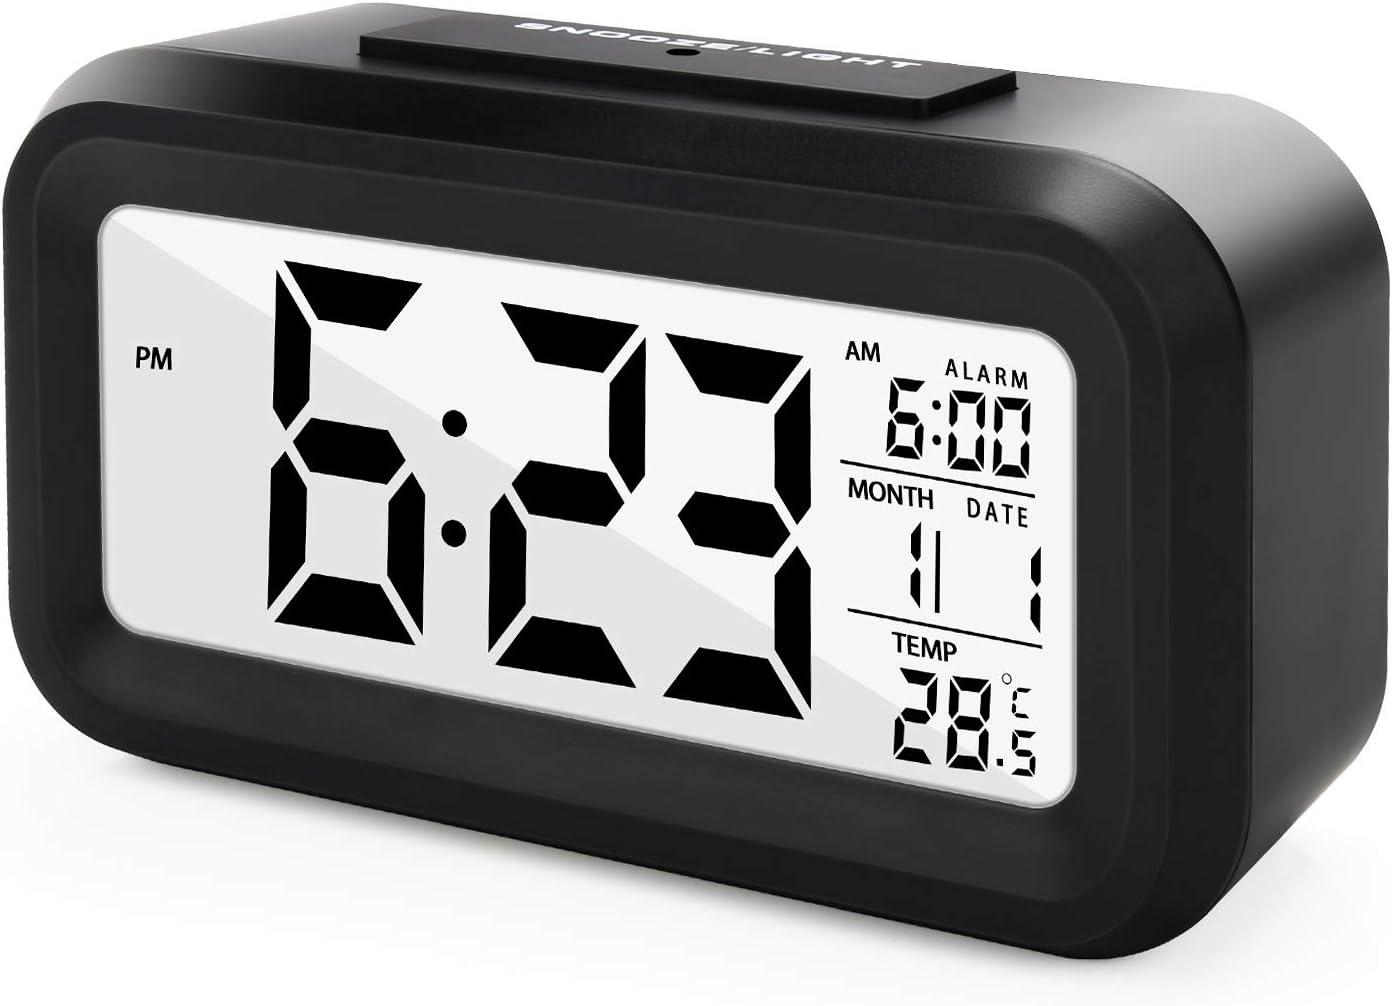 Datum Temperatur SANBLOGAN LED Wecker Digital Smart Digitaler Wecker Snooze Reisewecker Tischuhr mit Gro/ßem Display Uhrzeit Nachtlicht Batteriebetrieben Reiseuhr f/ür Kinder Studenten Erwachsene